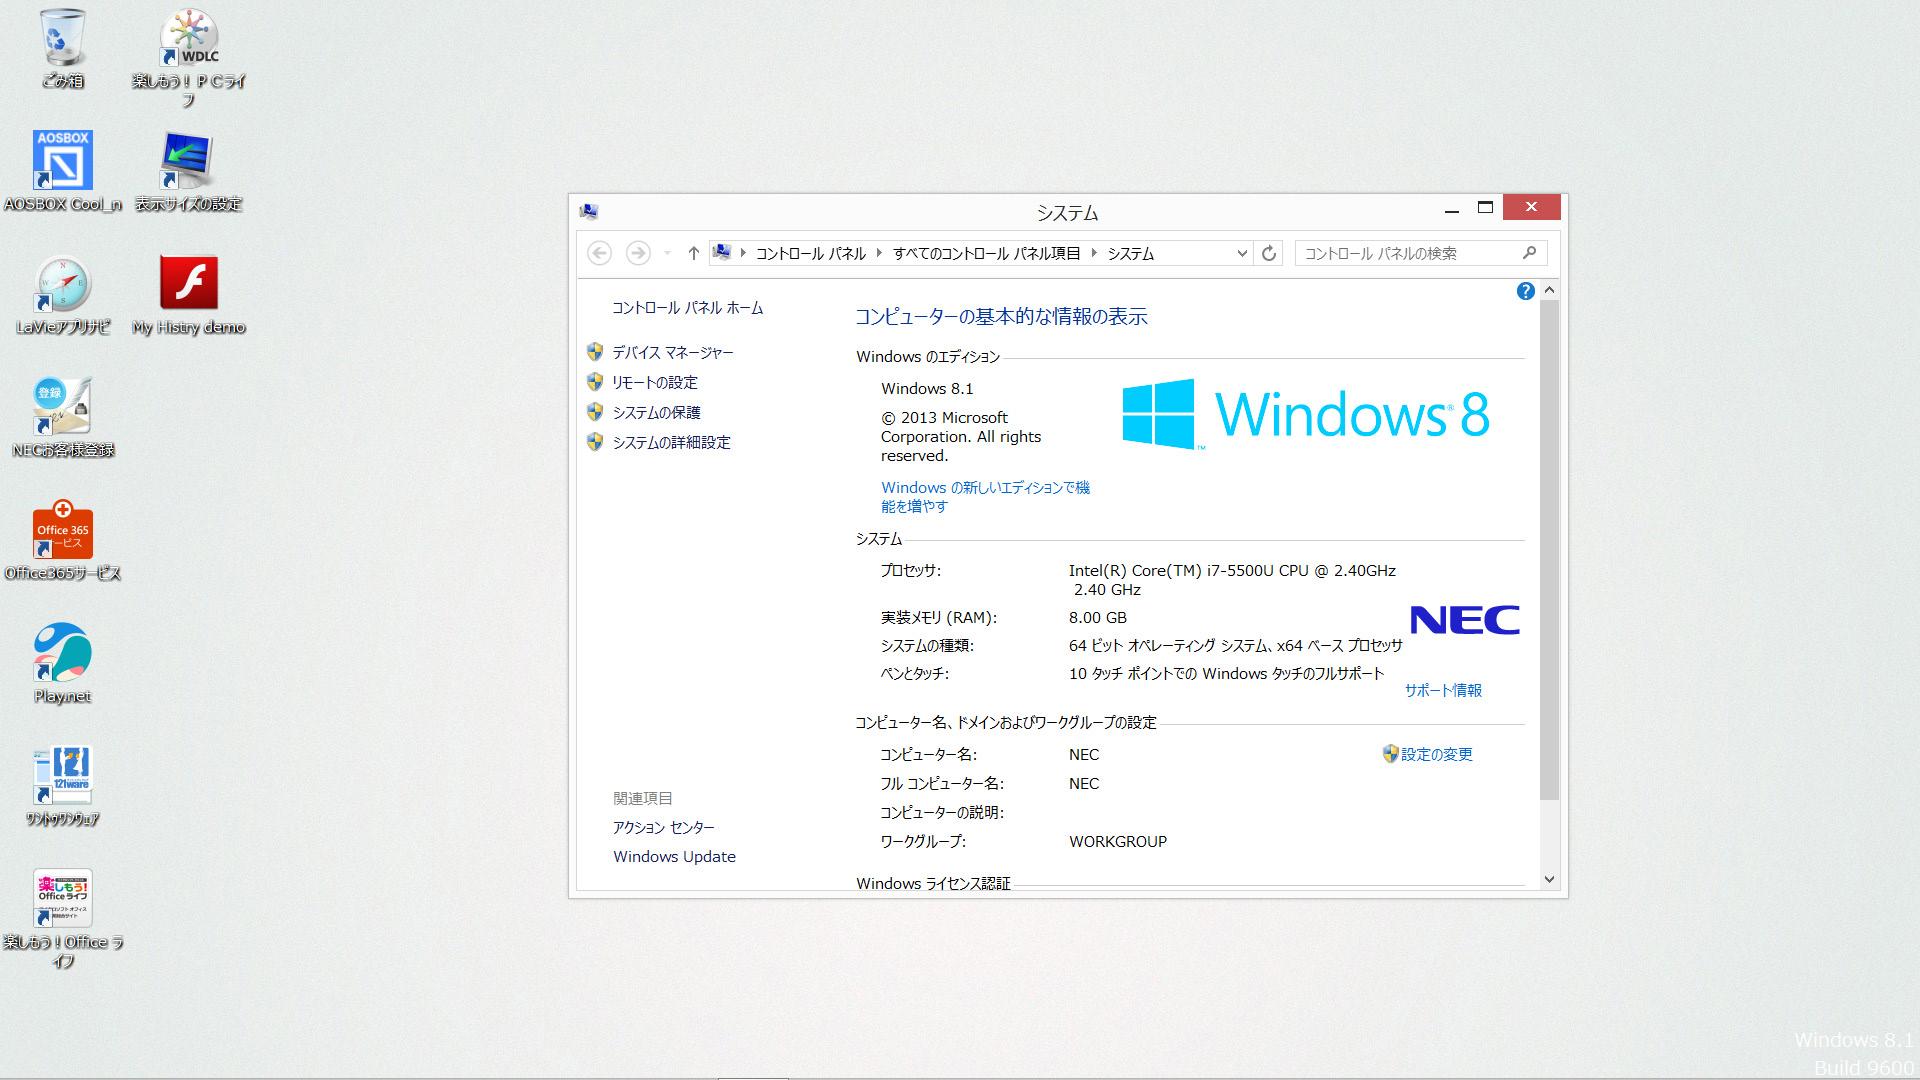 起動時のデスクトップ。左側に10のショートカット。壁紙も含め白が基調のテーマとなっている